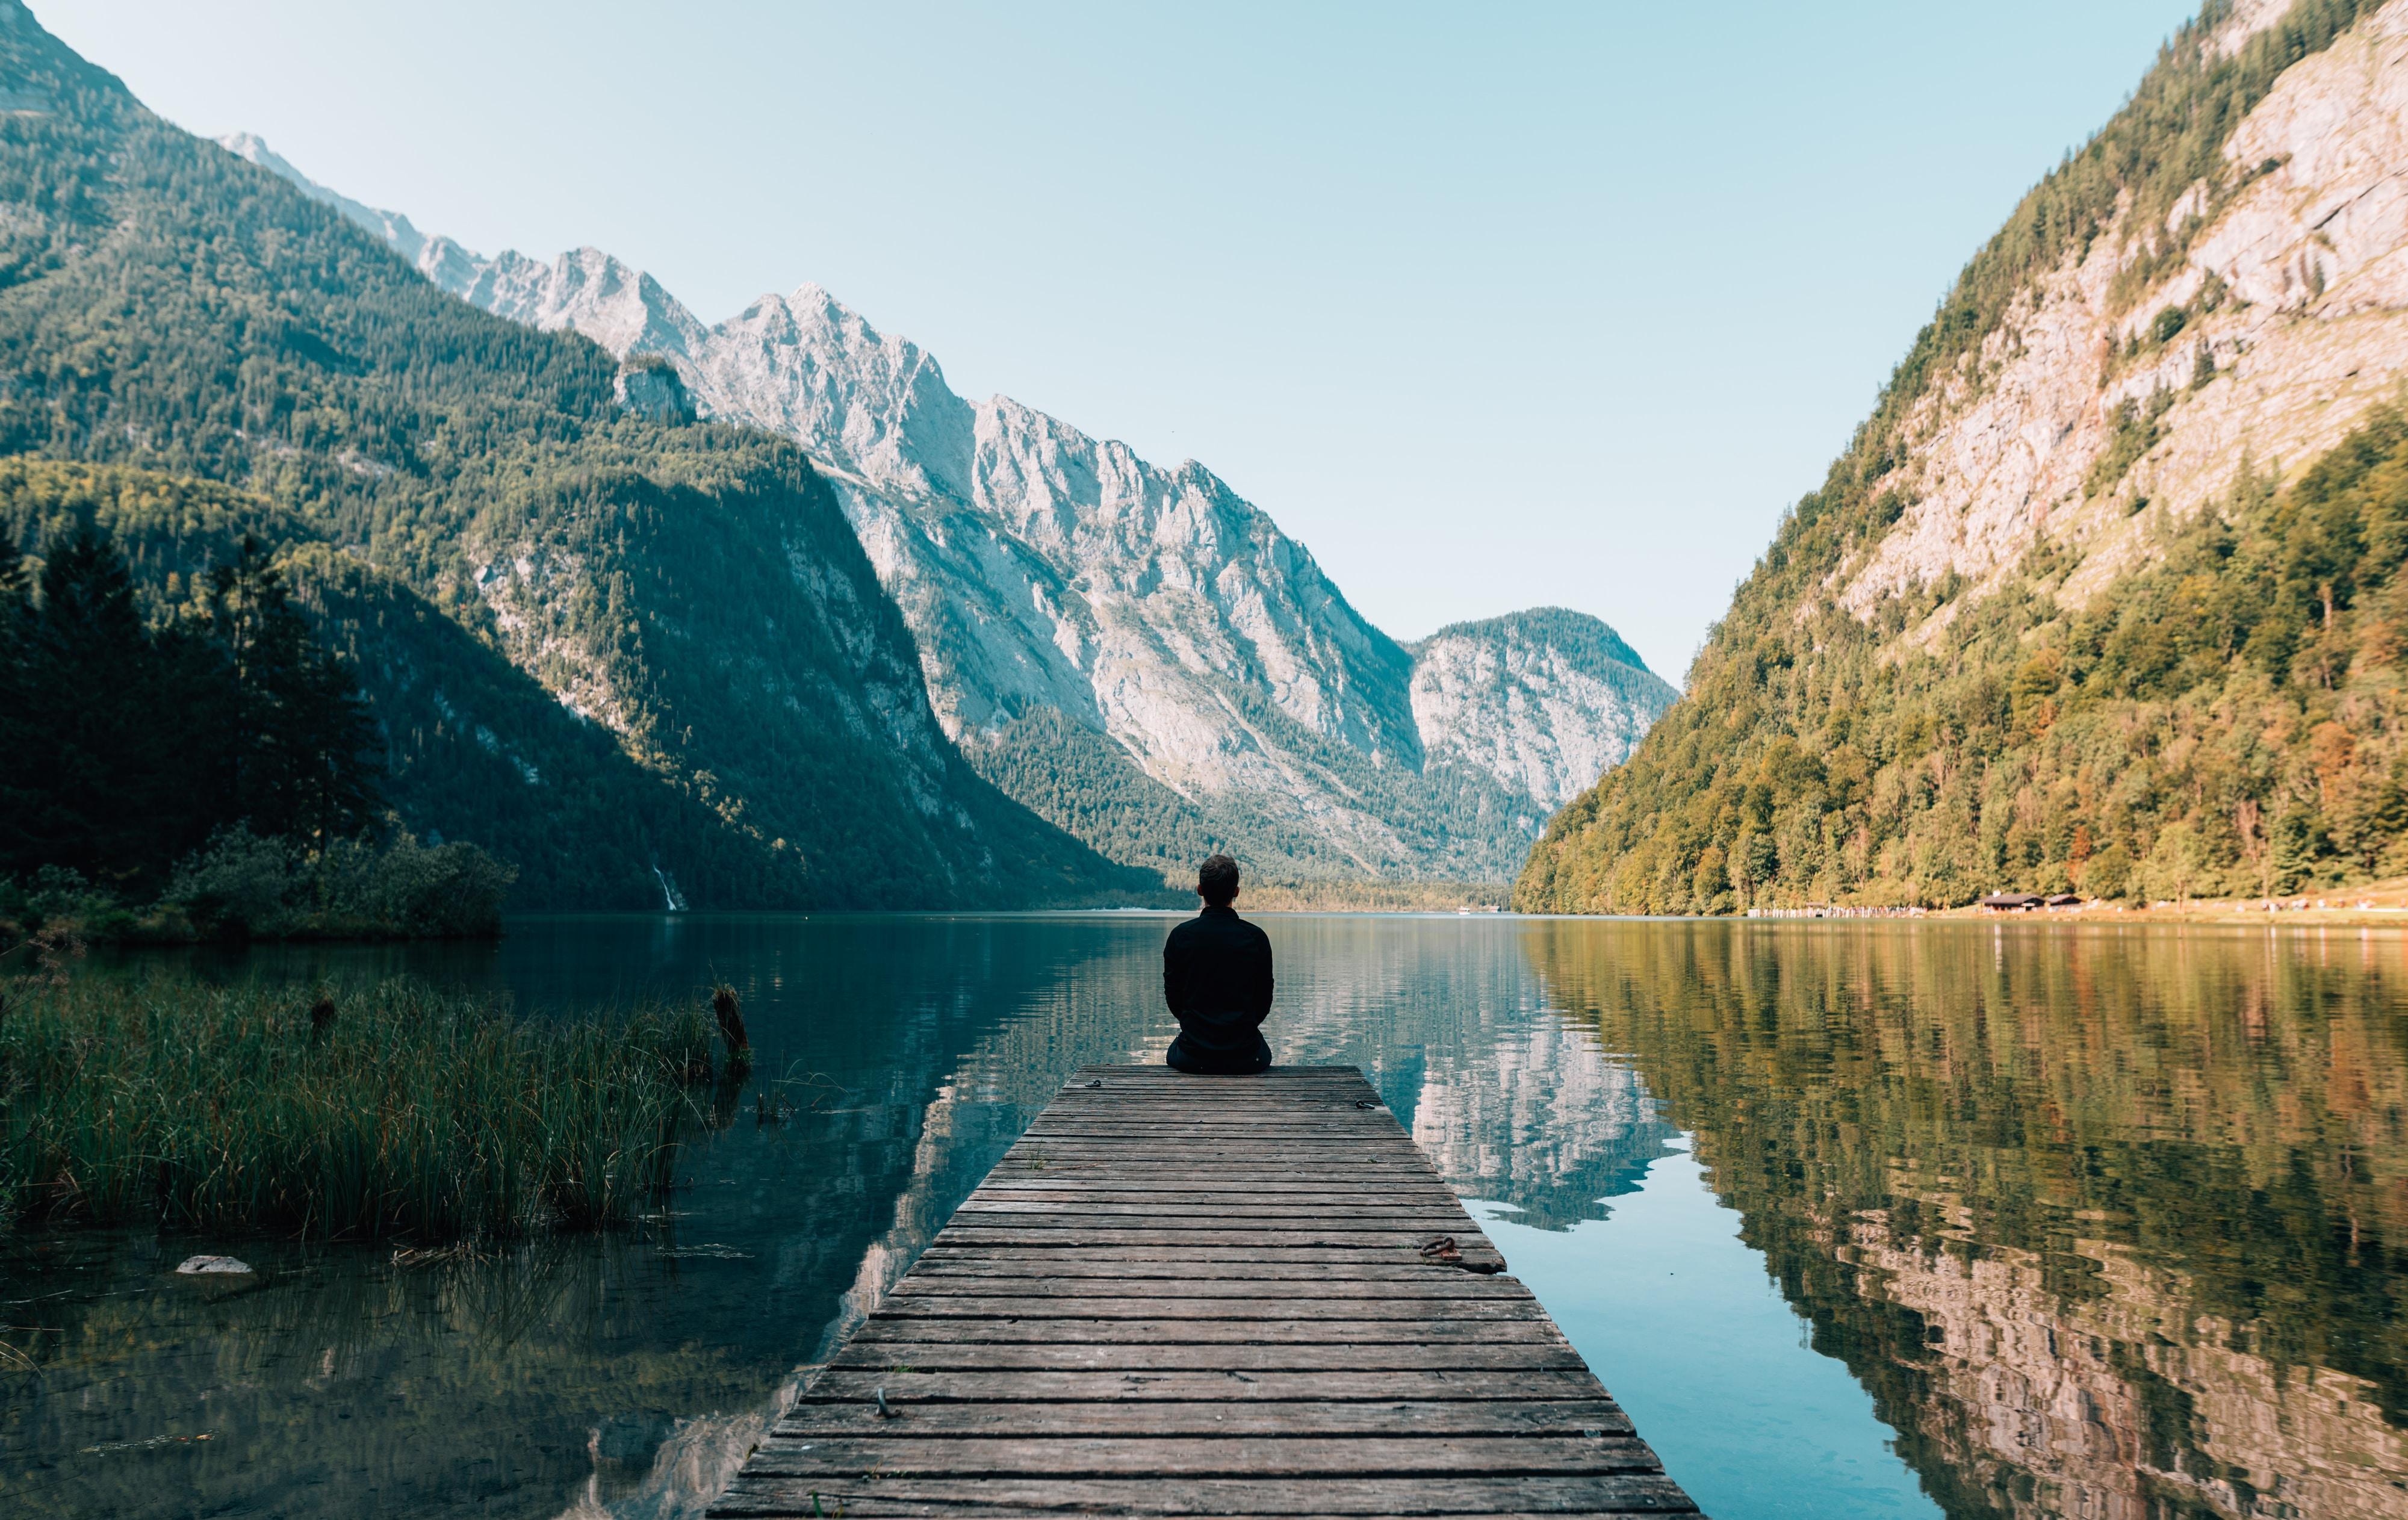 5 pasos para atreverse a dejarlo todo yviajar (solo)